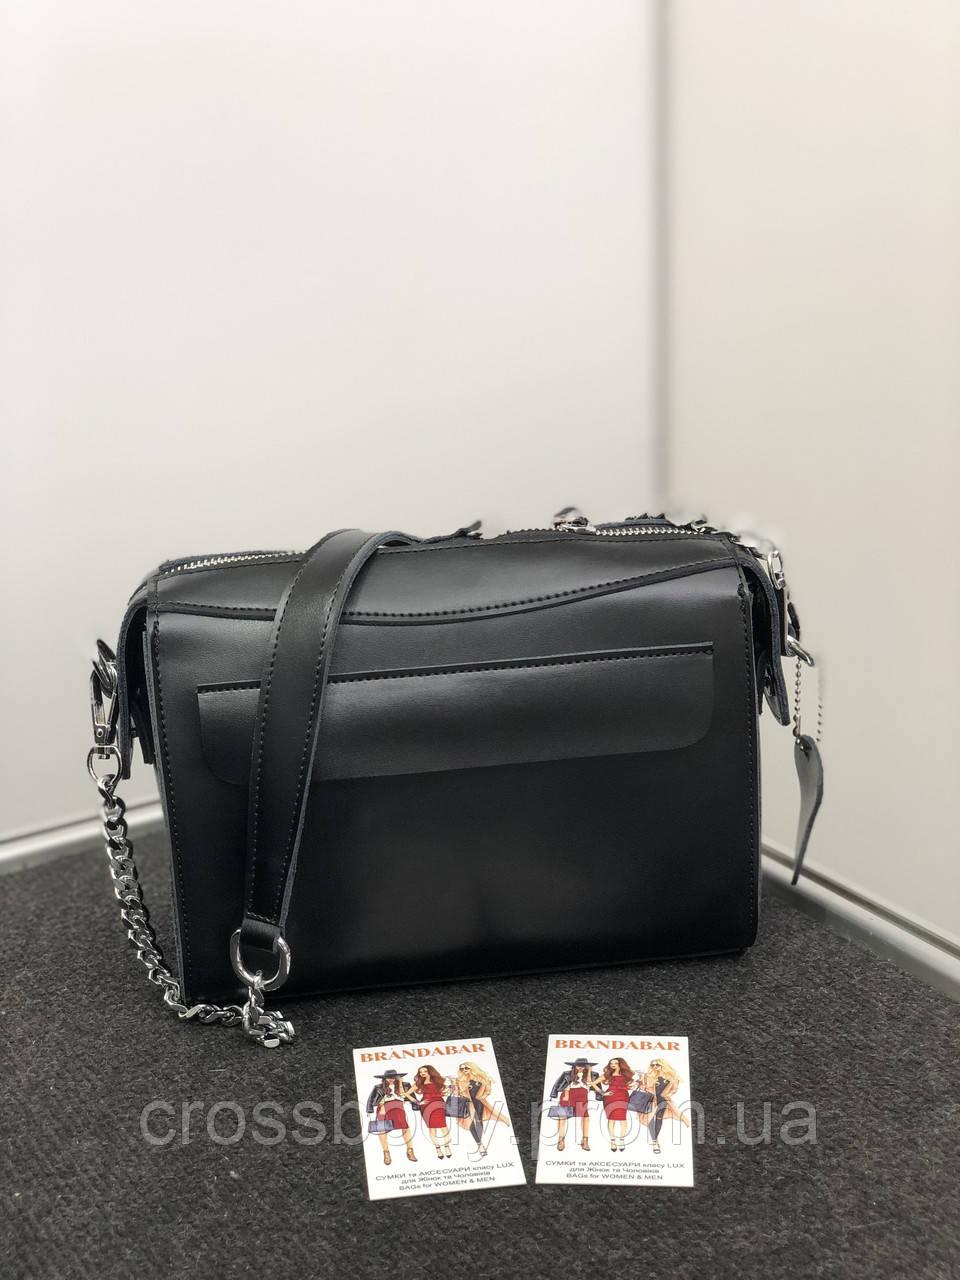 38dcfa7f83fe Кожаная сумка на плече женская : продажа, цена в Львове. женские ...